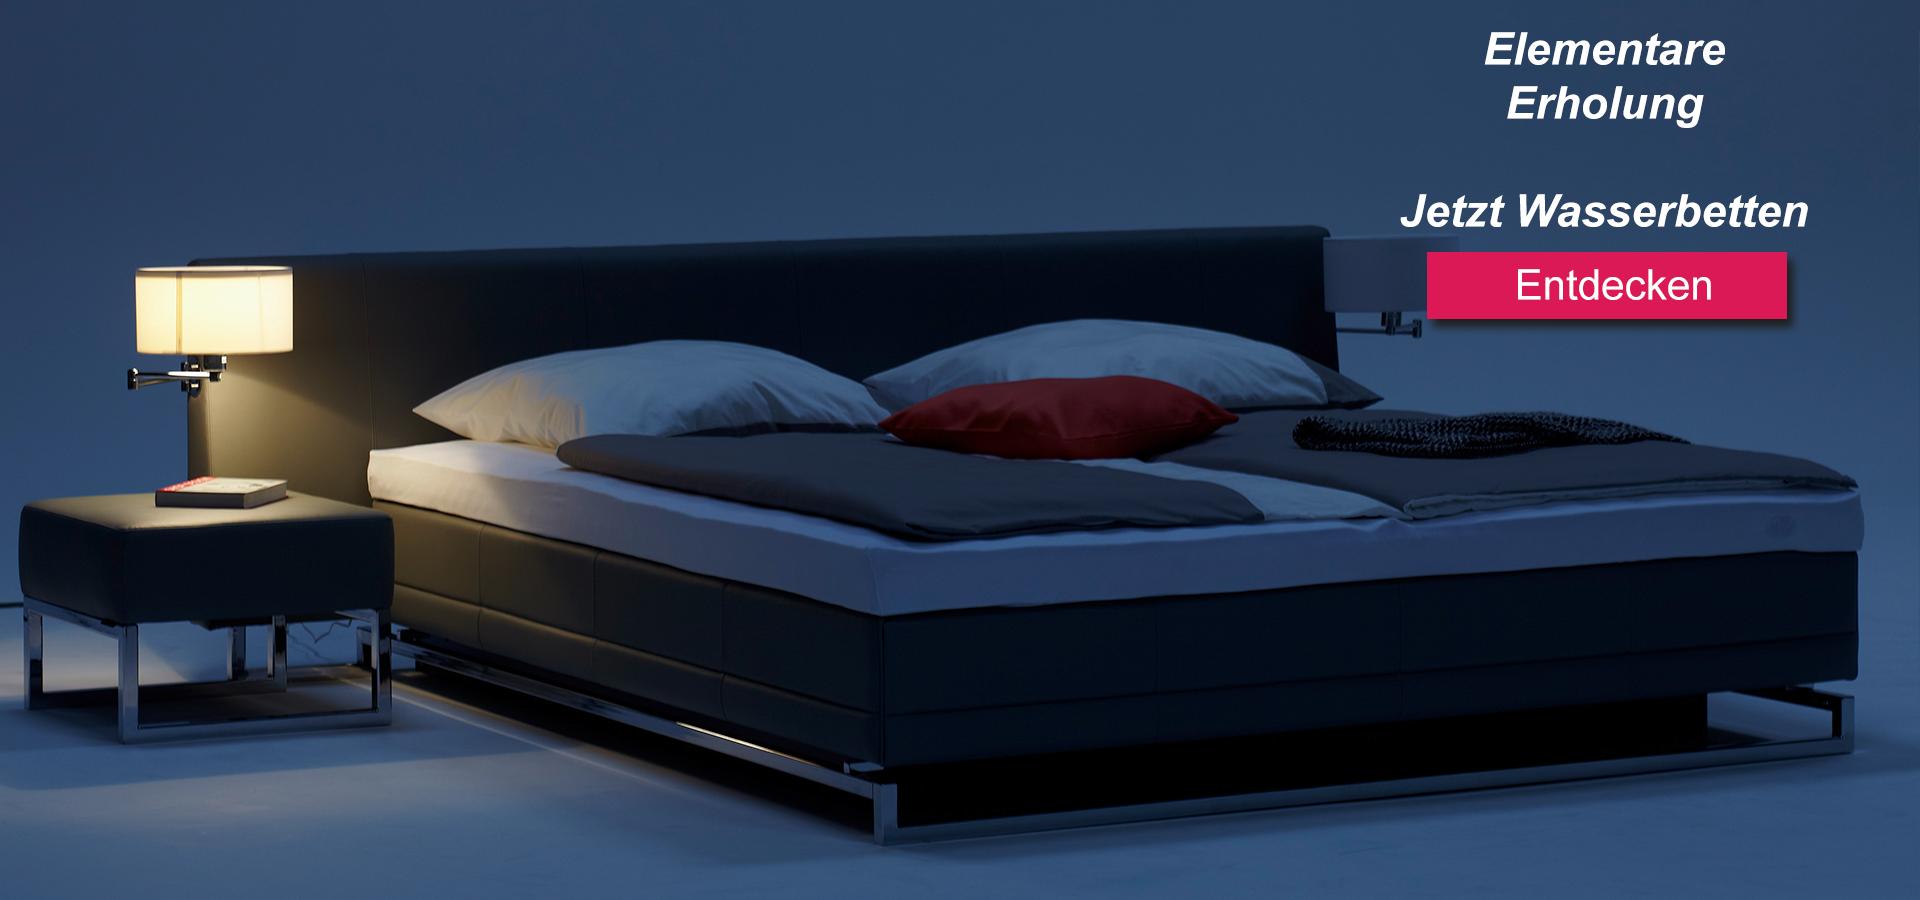 Full Size of Dico Betten Ikea 160x200 De Teenager Antike Runde Günstig Kaufen 180x200 Bonprix Paradies Mit Matratze Und Lattenrost 140x200 Balinesische Bett Dico Betten